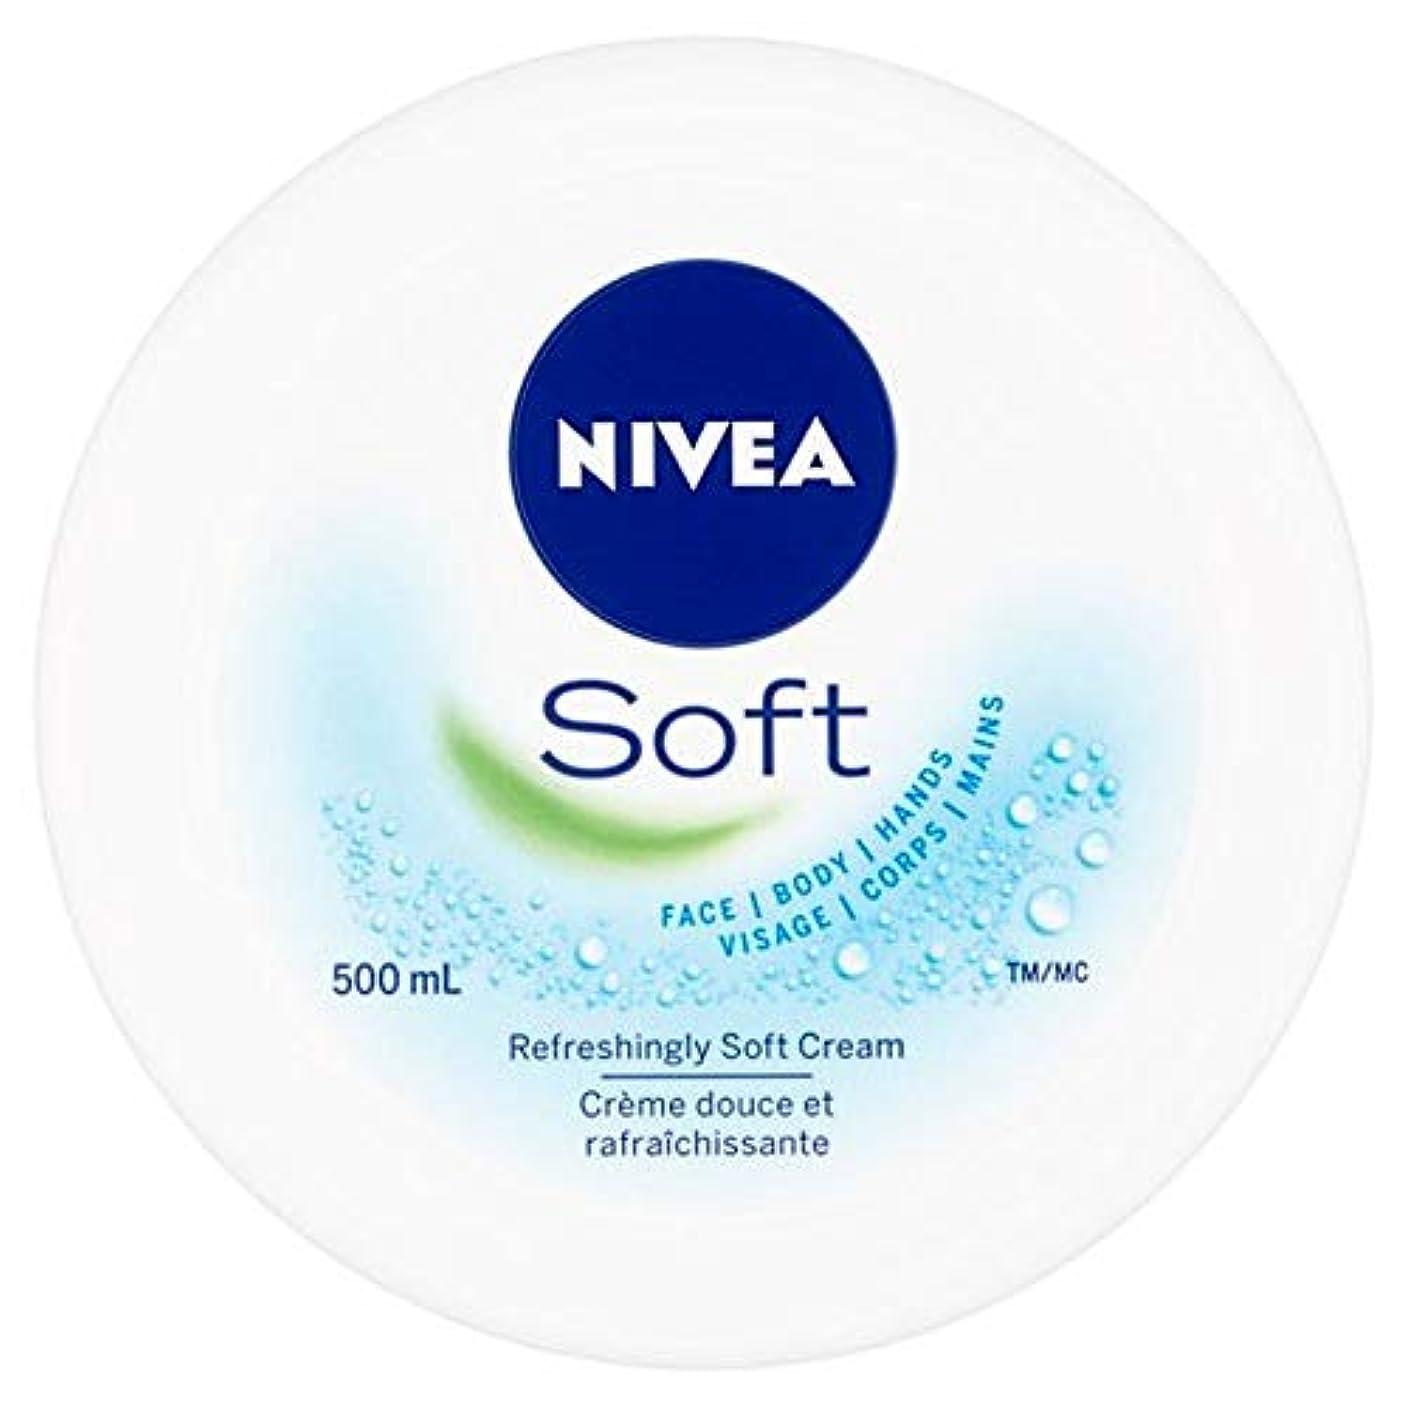 オーブンバインド不十分[Nivea] ニベアソフト爽やかなクリーム500ミリリットル - Nivea Soft Refreshing Cream 500Ml [並行輸入品]